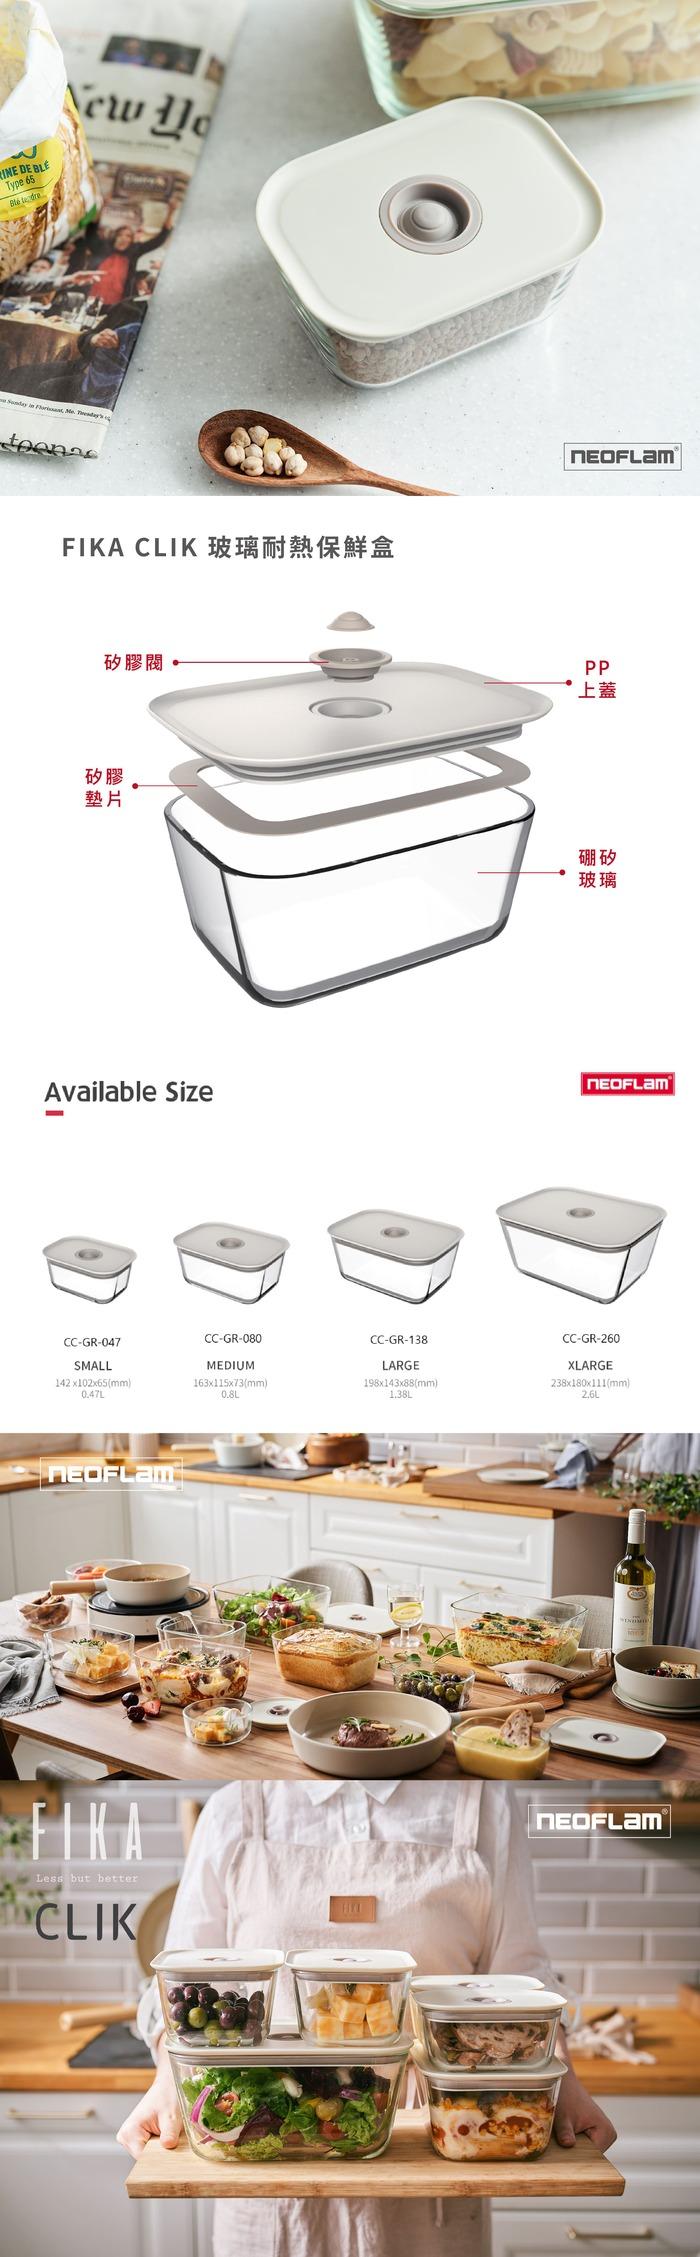 (複製)NEOFLAM 矽銀迷你食物夾三件組-夢幻雪酪